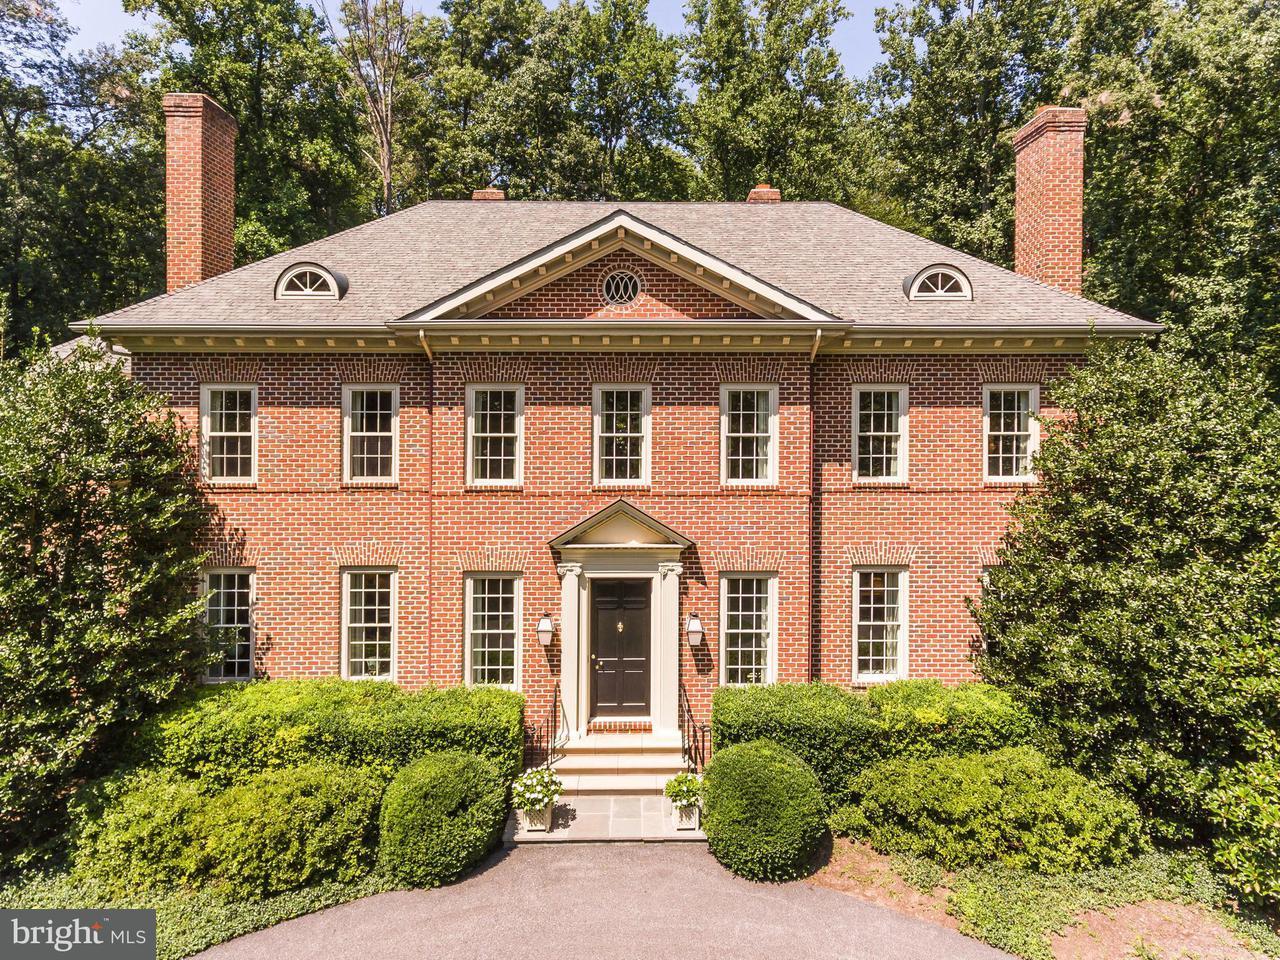 Частный односемейный дом для того Продажа на 2216 BLUE MOUNT Road 2216 BLUE MOUNT Road Monkton, Мэриленд 21111 Соединенные Штаты